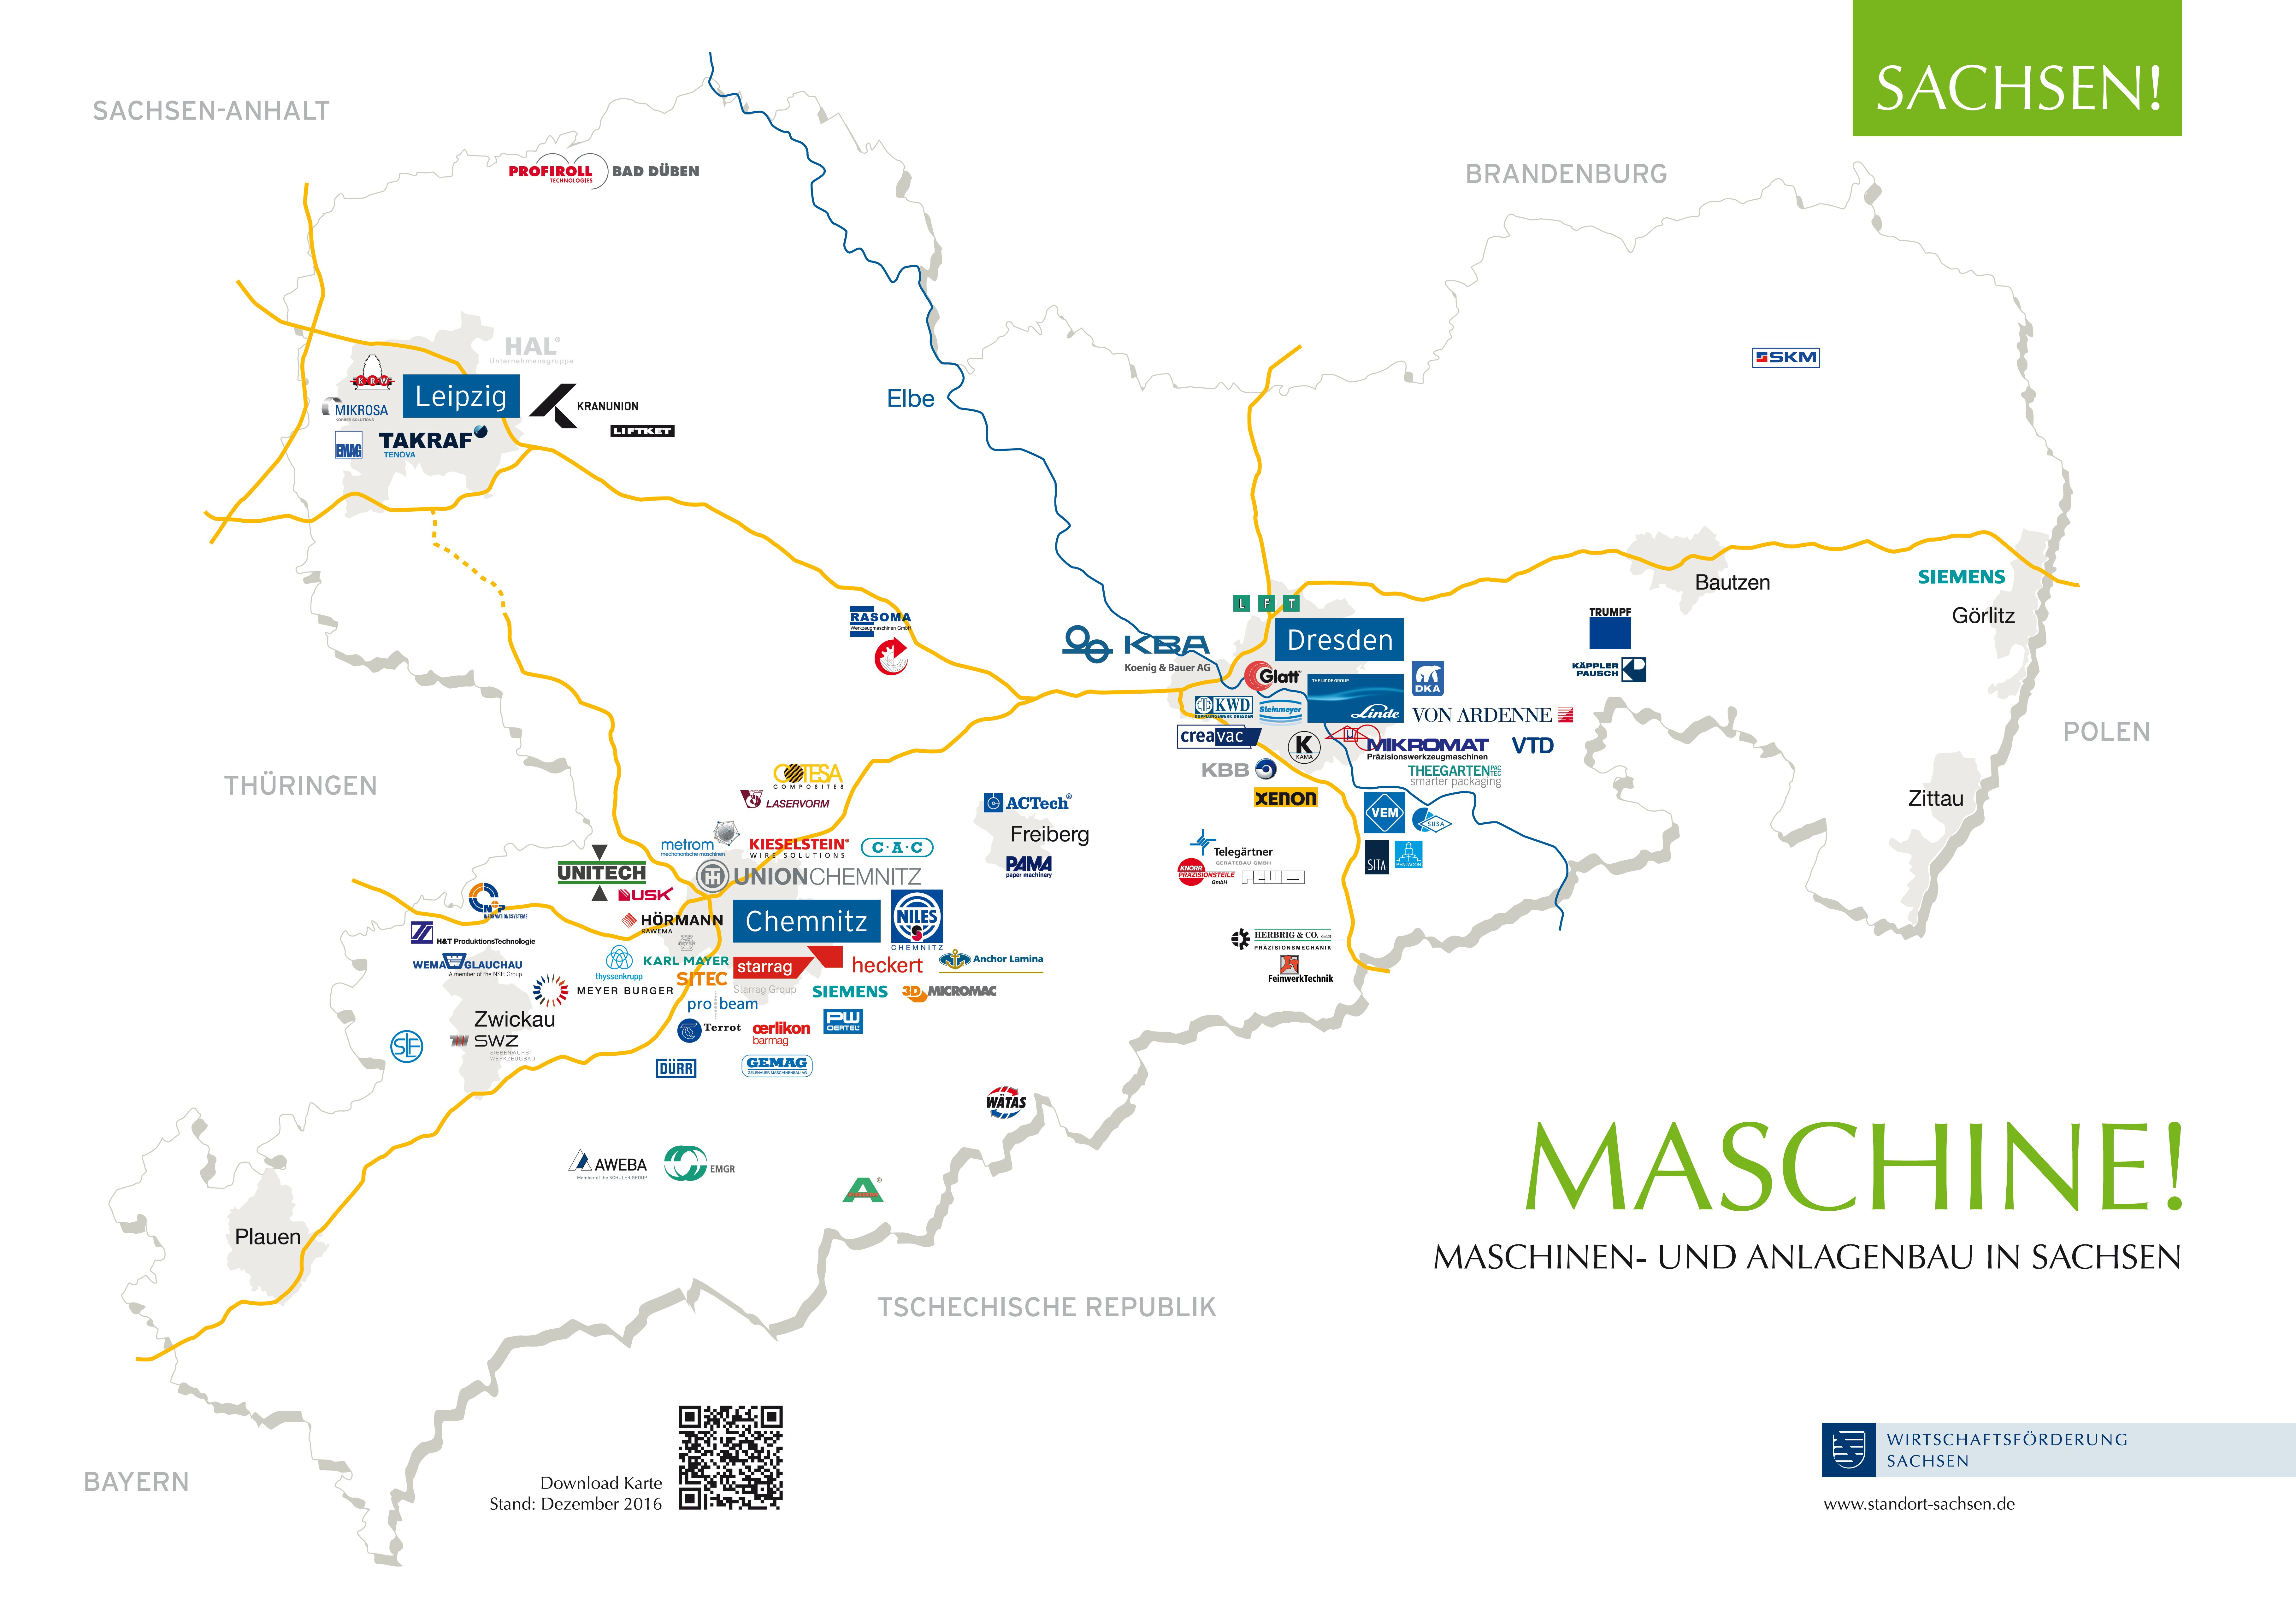 Karte Chemnitz Und Umgebung.Standort Sachsen Maschine Maschinen Und Anlagenbau